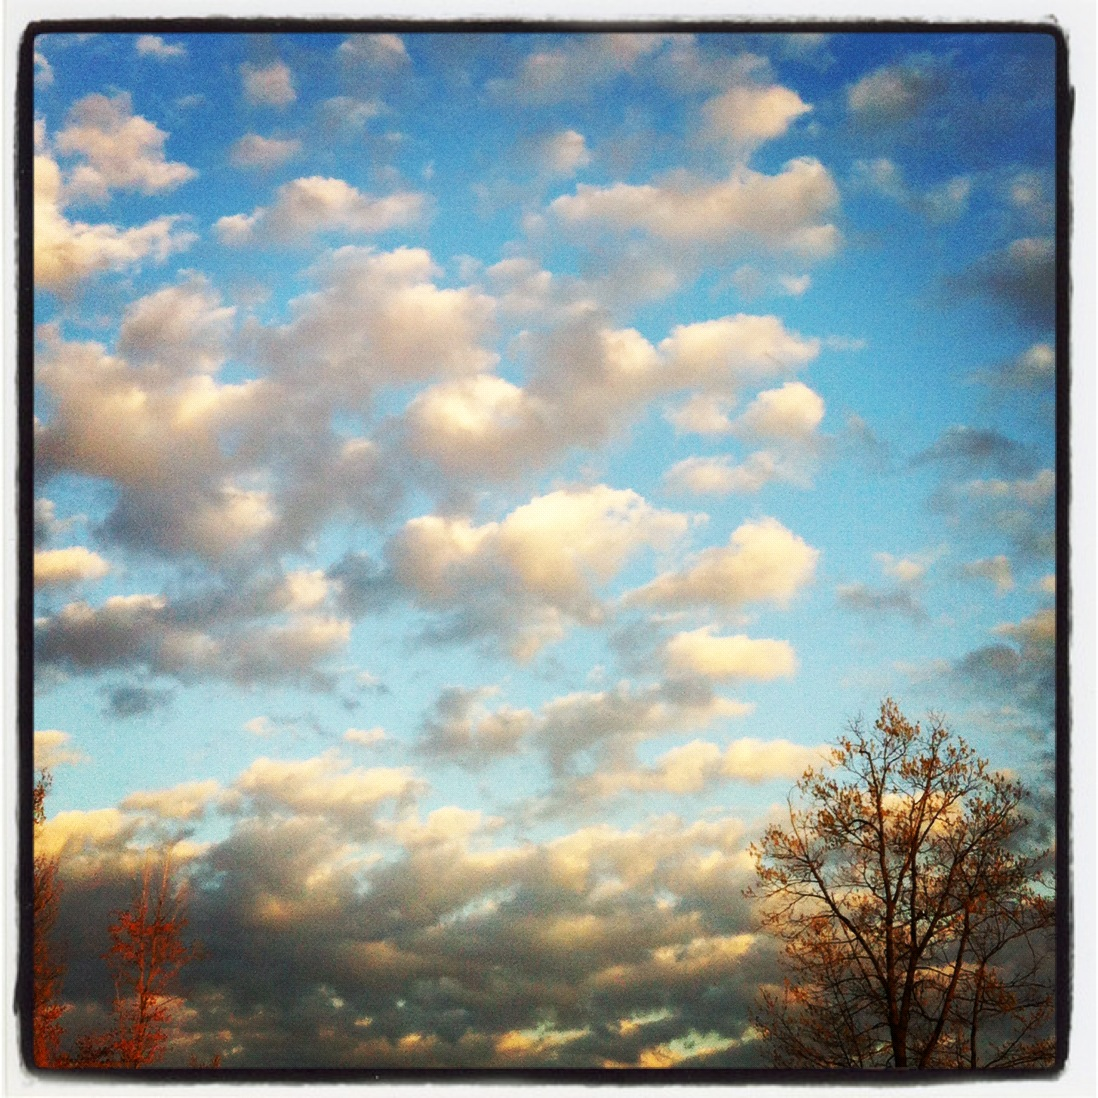 2012-04-24-CloudArtAmyNeumann.JPG